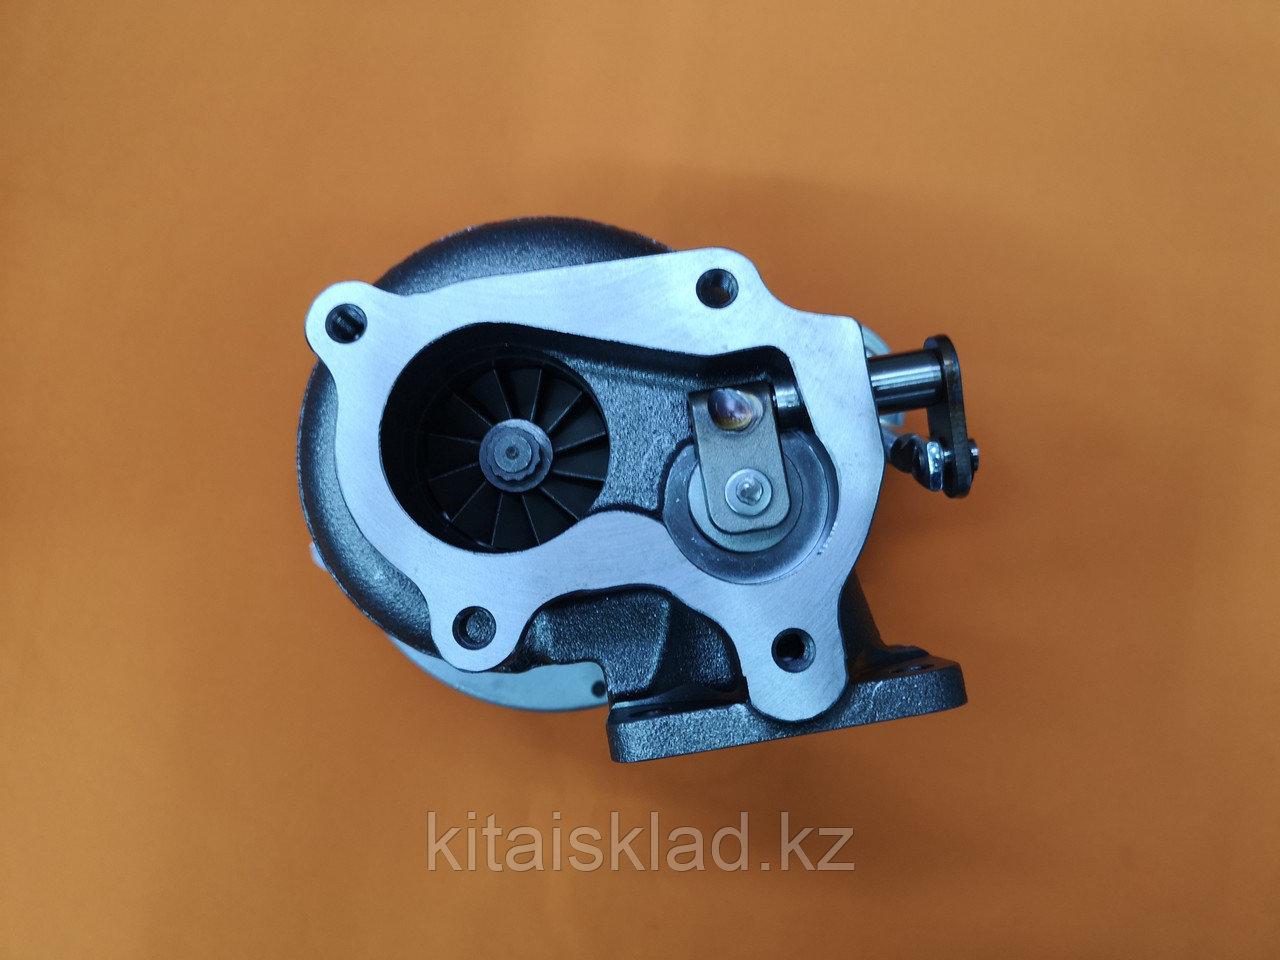 Турбина 129908-18010 двигатель Yanmar 4TNV98 Komatsu